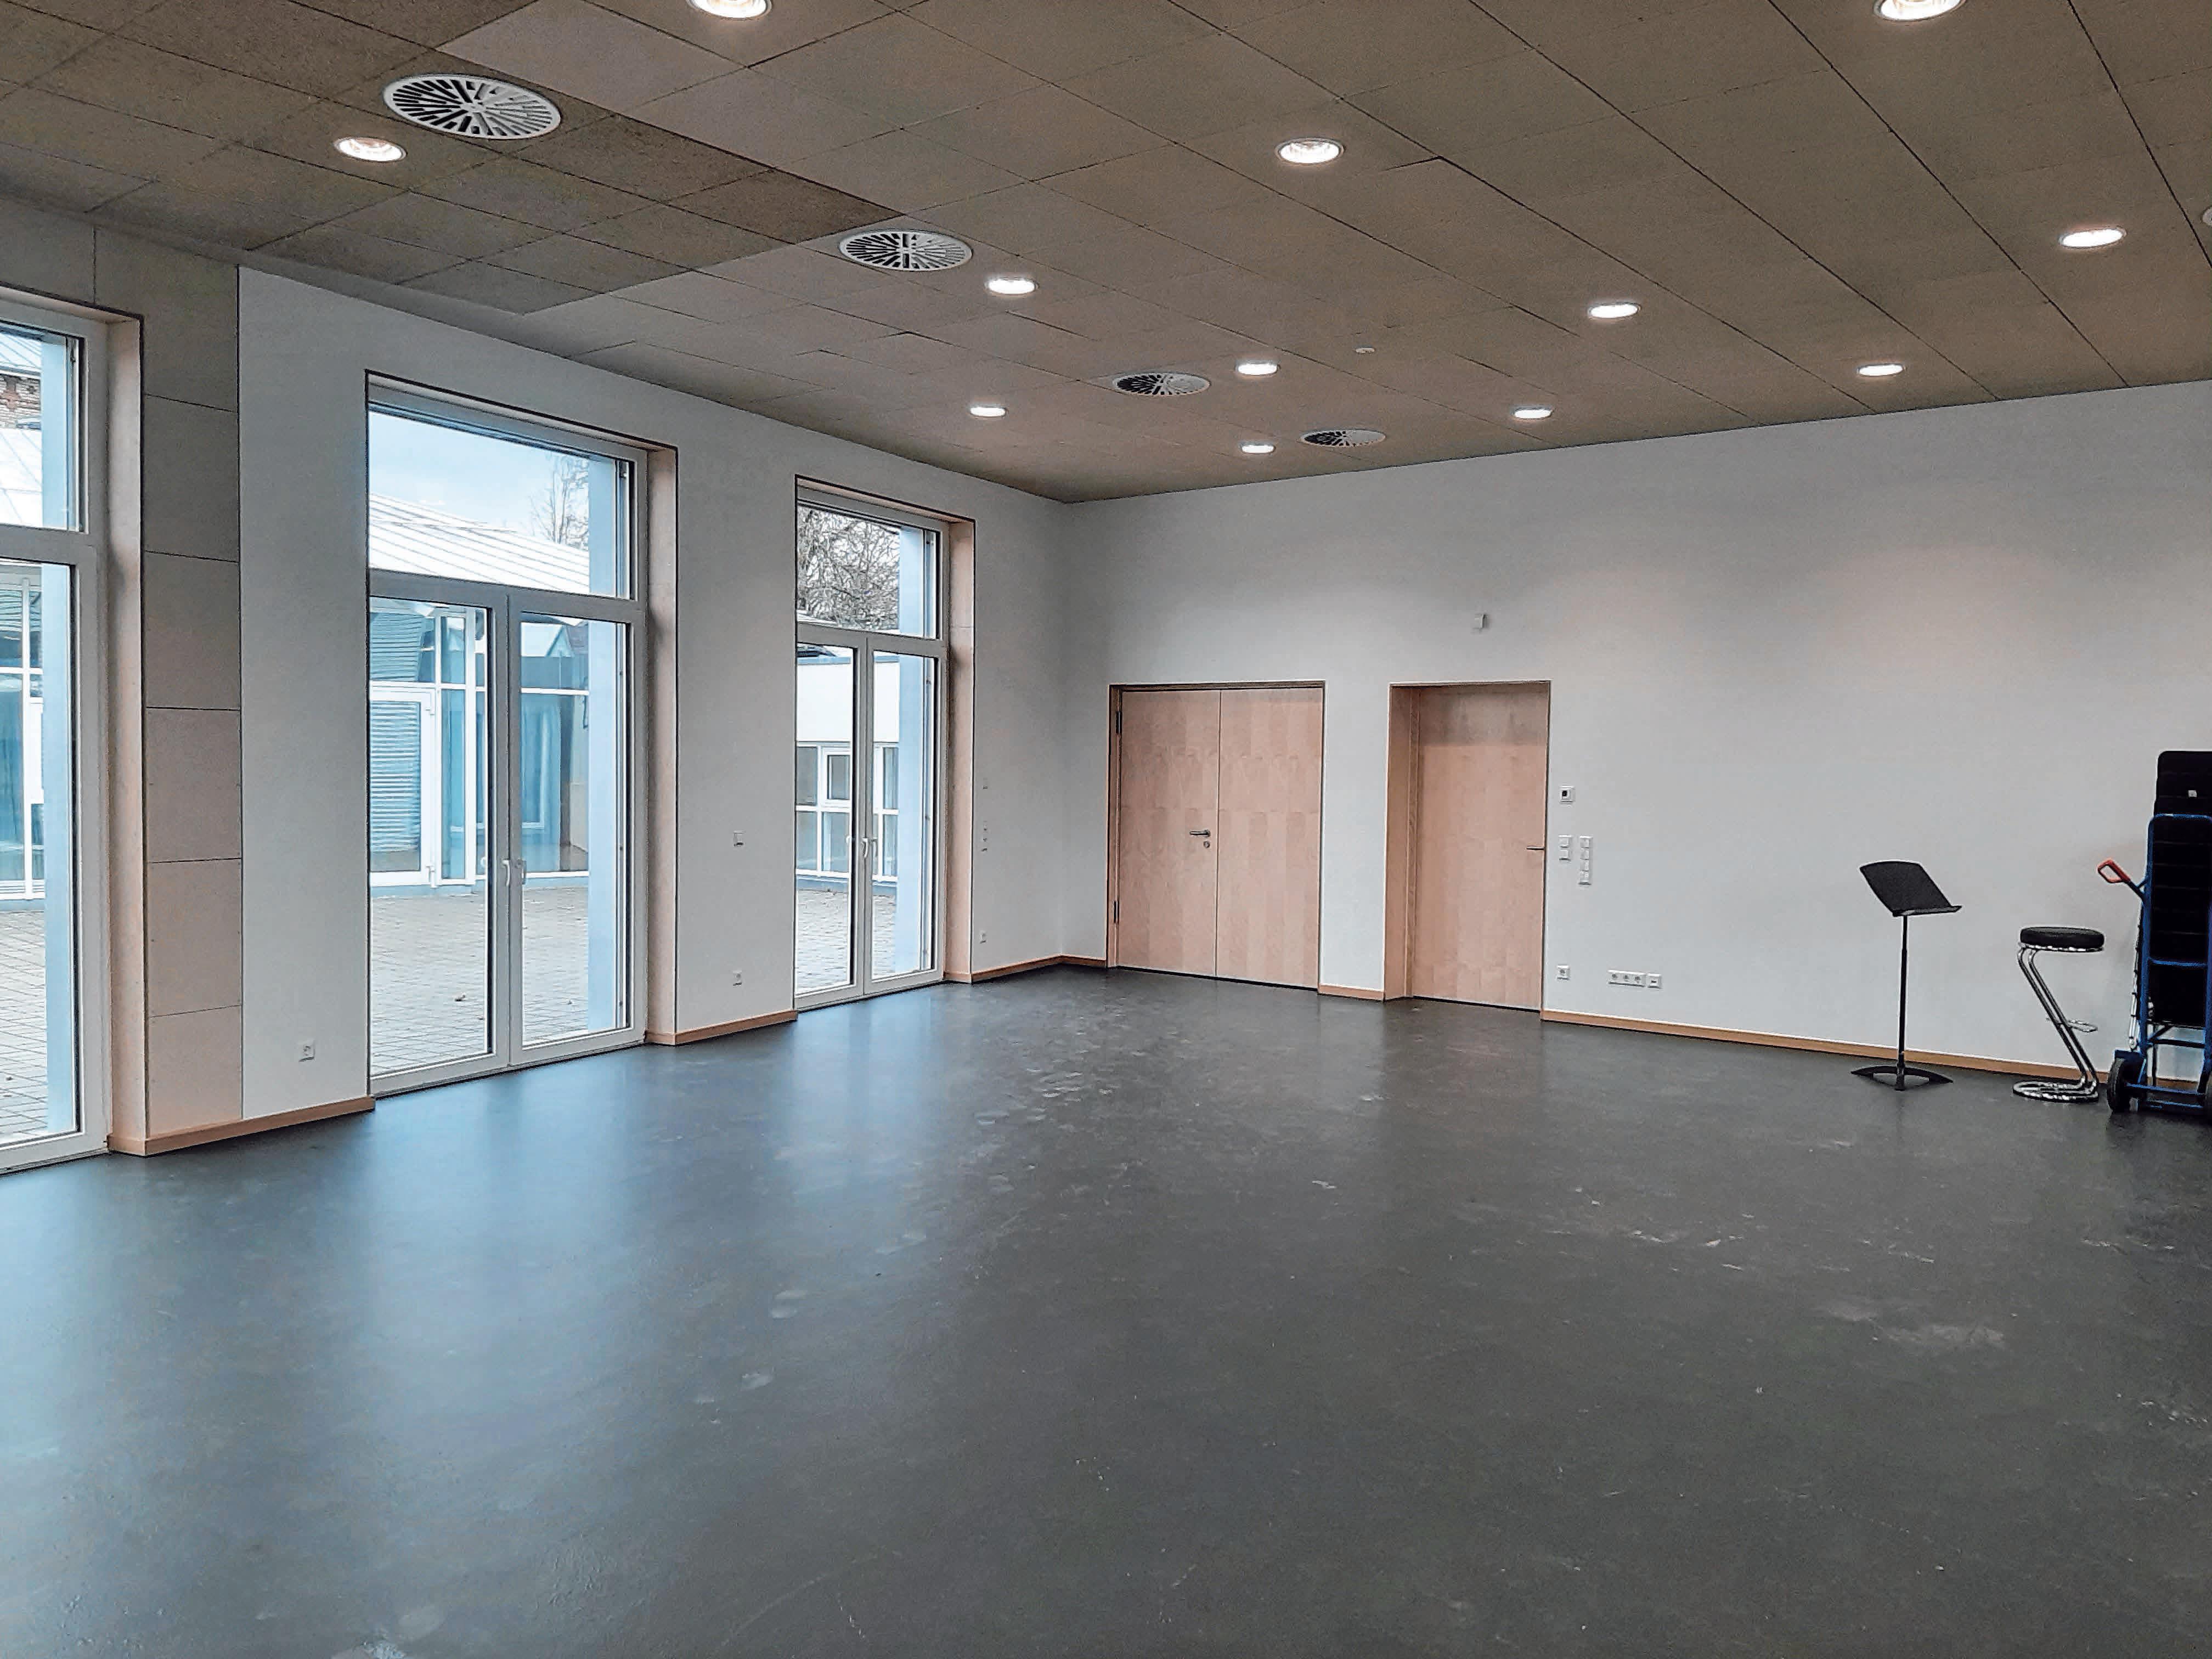 Im kleinen Saal der Erweiterung kann das 30-köpfige Erwachsenen-Orchester gemeinsam proben. Spezielle Dämmplatten an der Decke sorgen für eine gute Akustik im Raum.